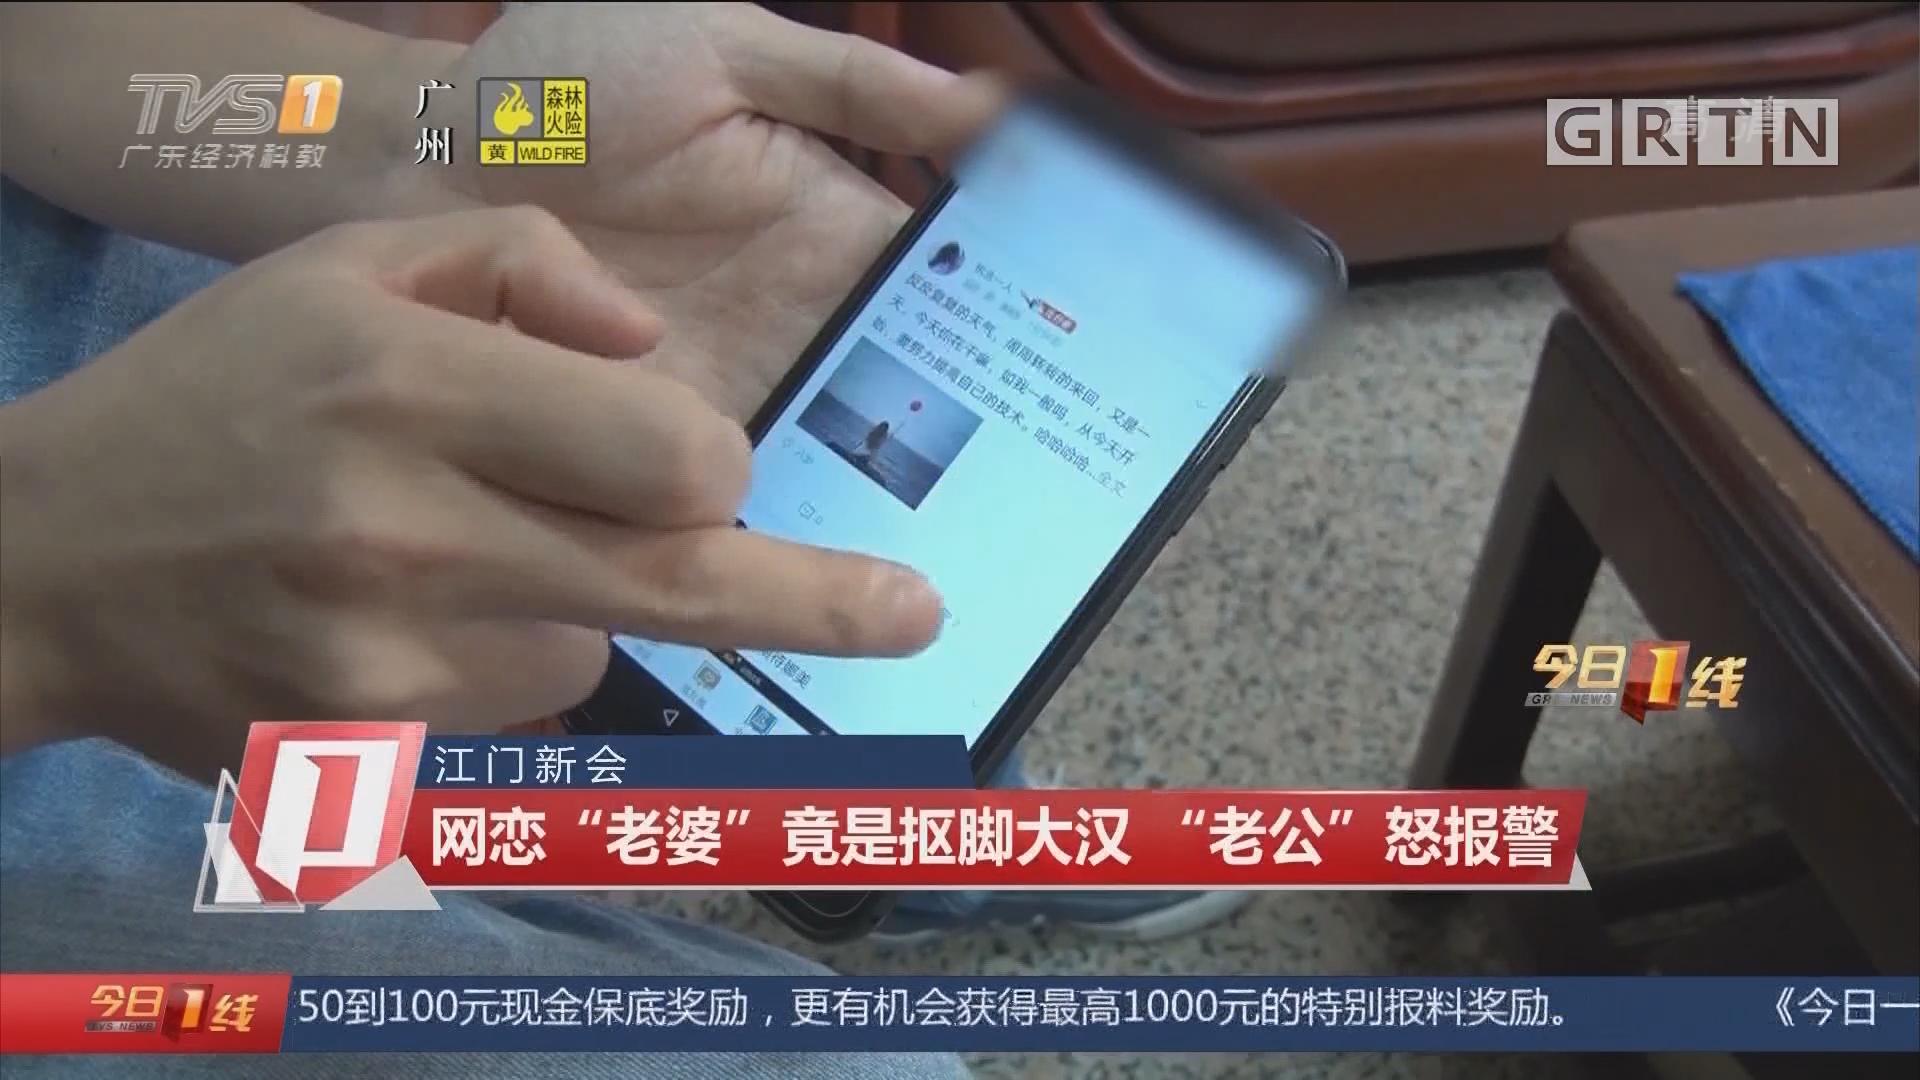 """江门新会 网恋""""老婆""""竟是抠脚大汉 """"老公""""怒报警"""